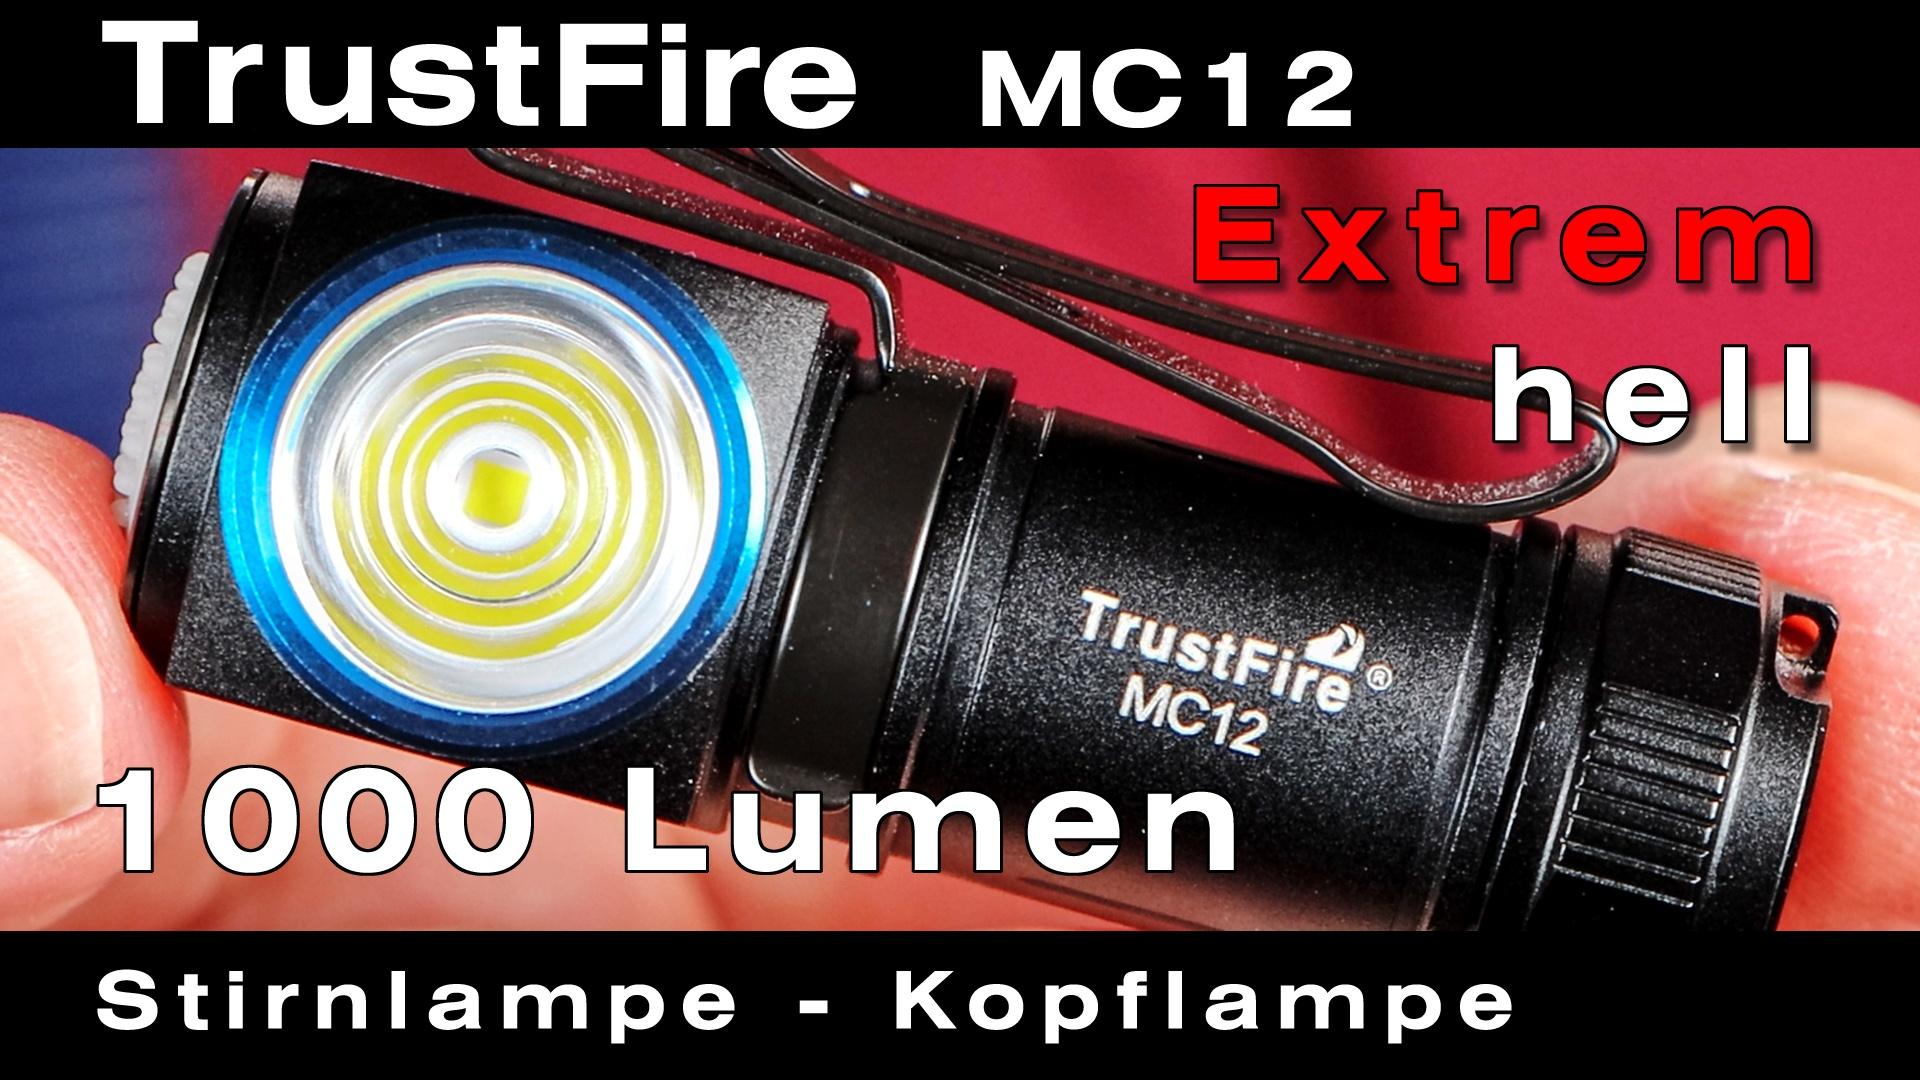 Stirnlampe TrustFire MC12 – Extrem hell für Hobby, Beruf & Reise